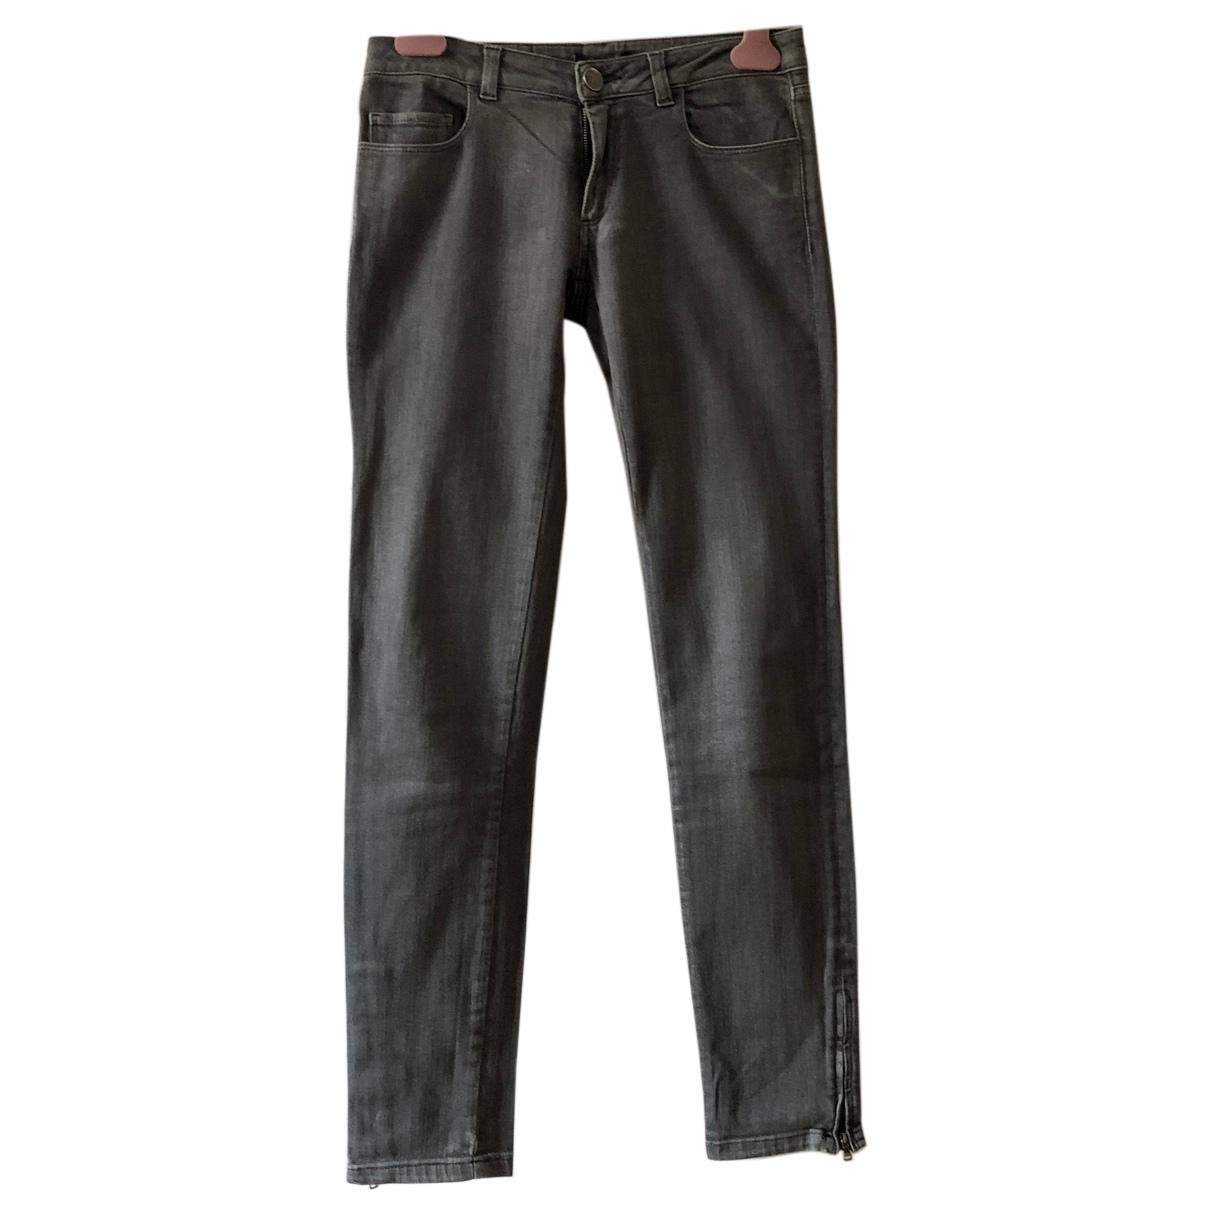 Max & Co - Pantalon   pour femme en coton - gris